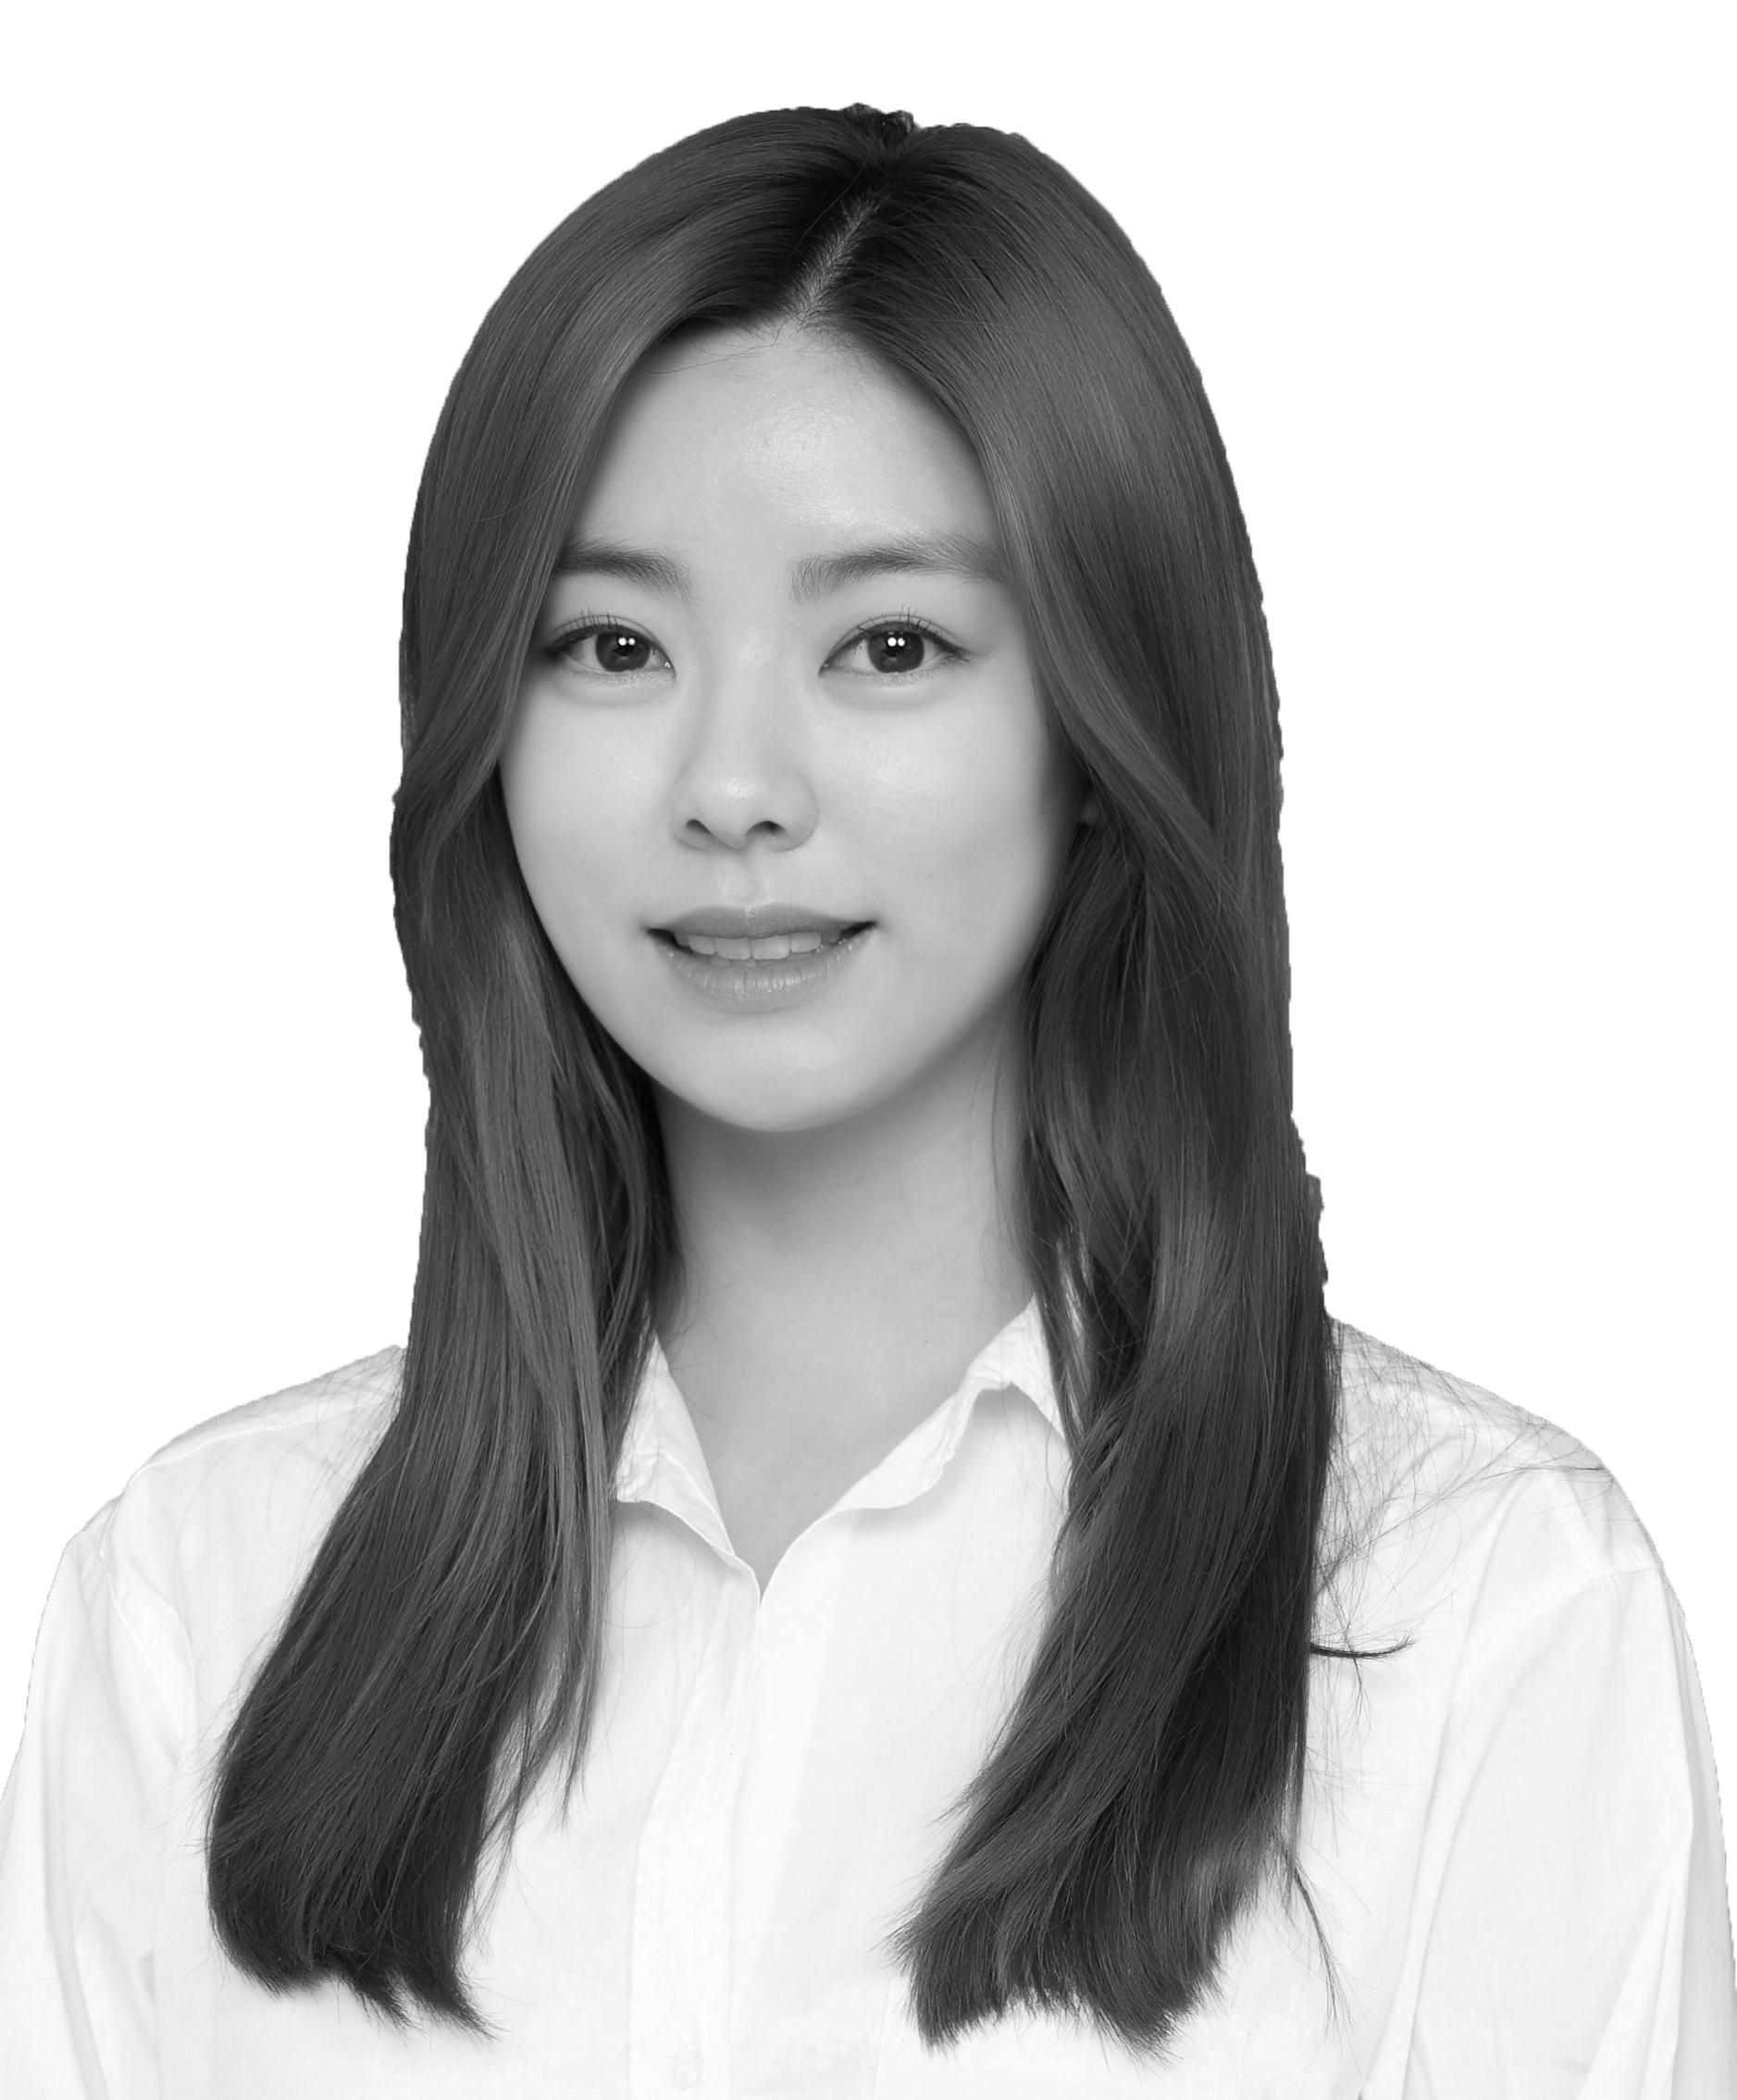 박보경 프로